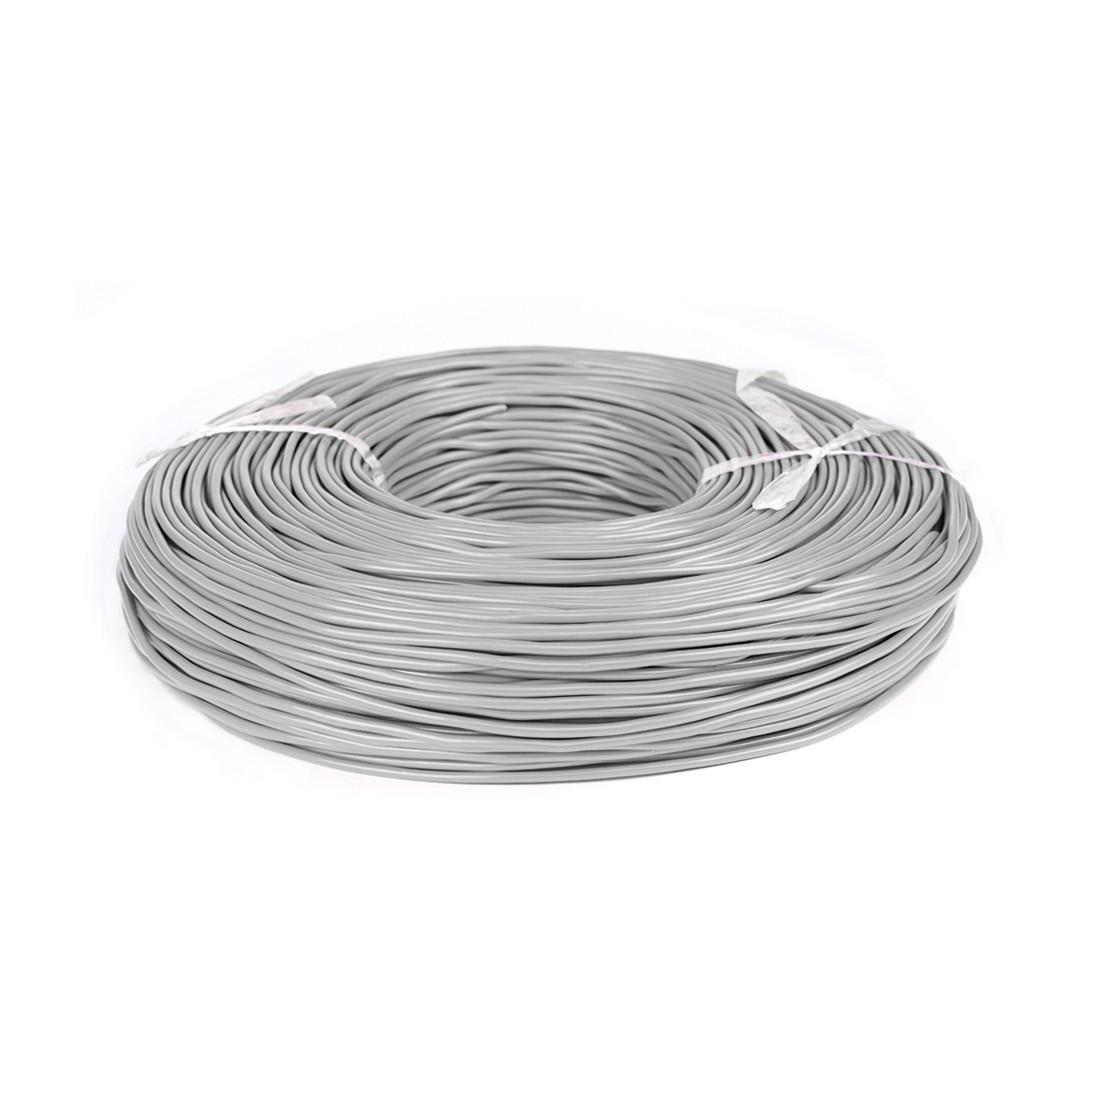 Провод монтажный iPower RV 1х2.5 серый